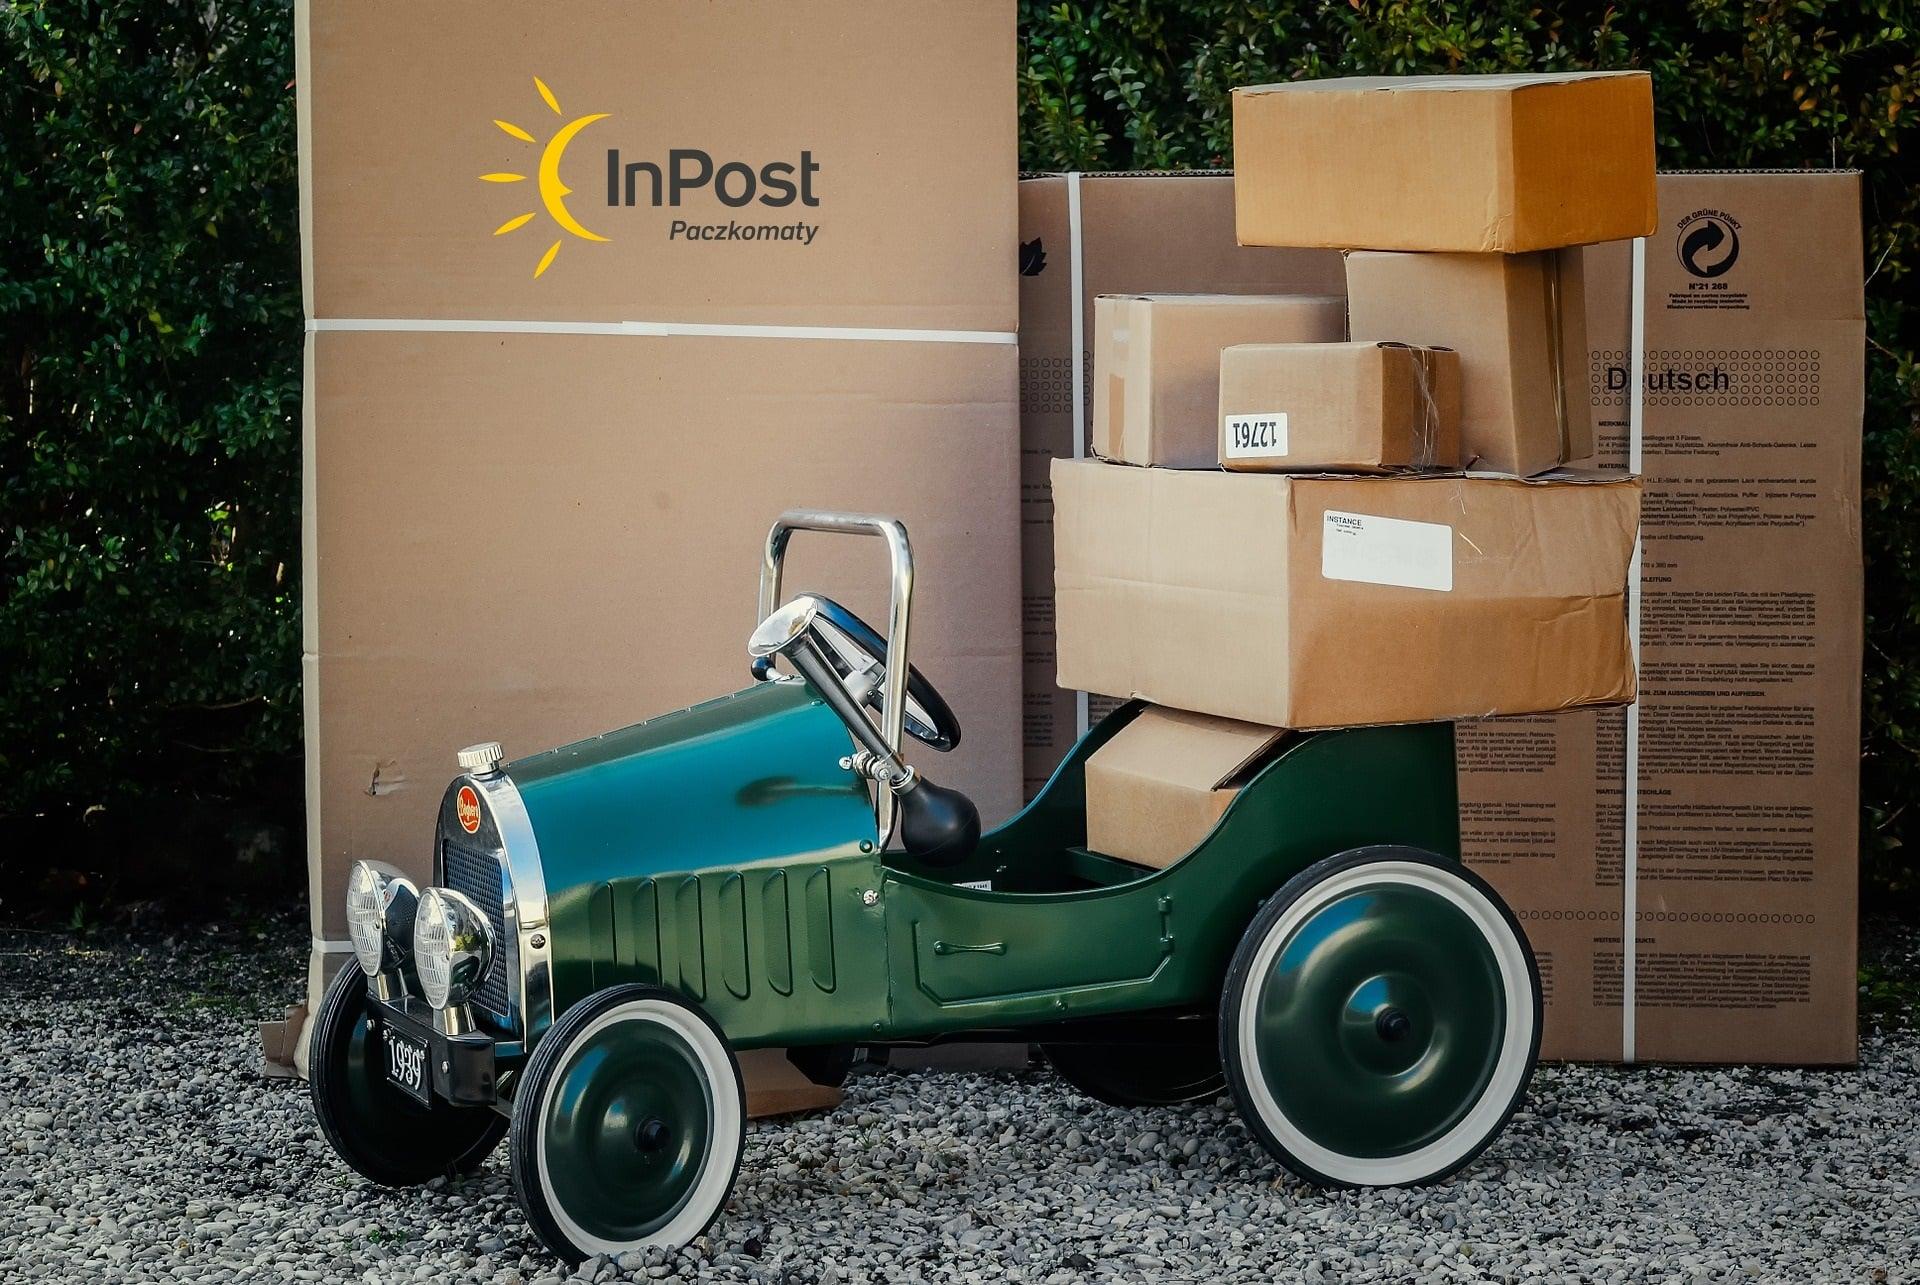 przesyłka kurier paczka samochód wóz InPost logo